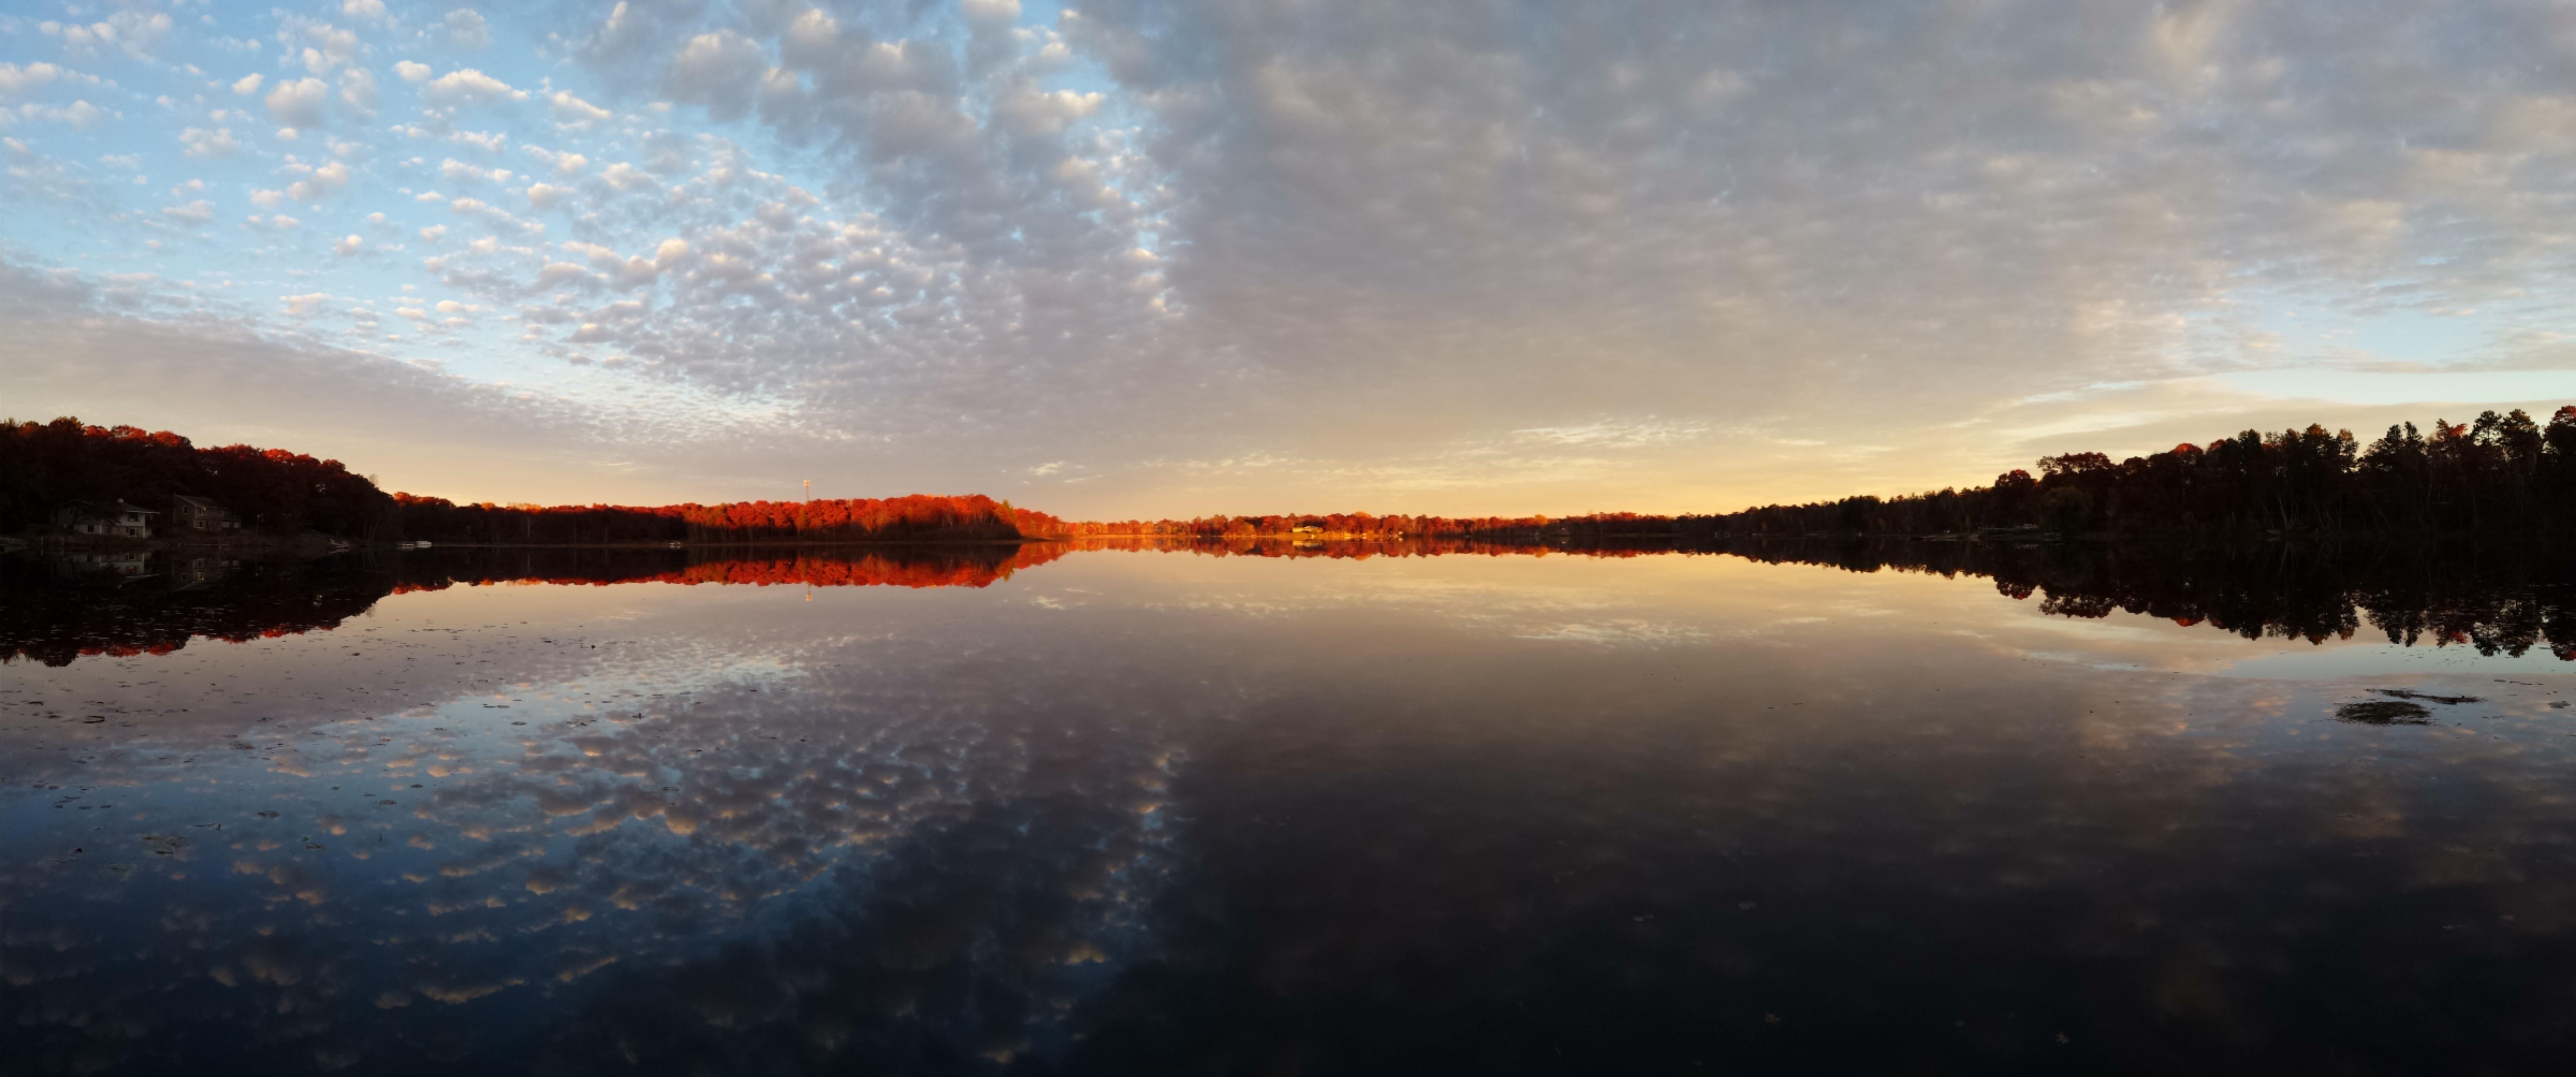 fall-reflection-4